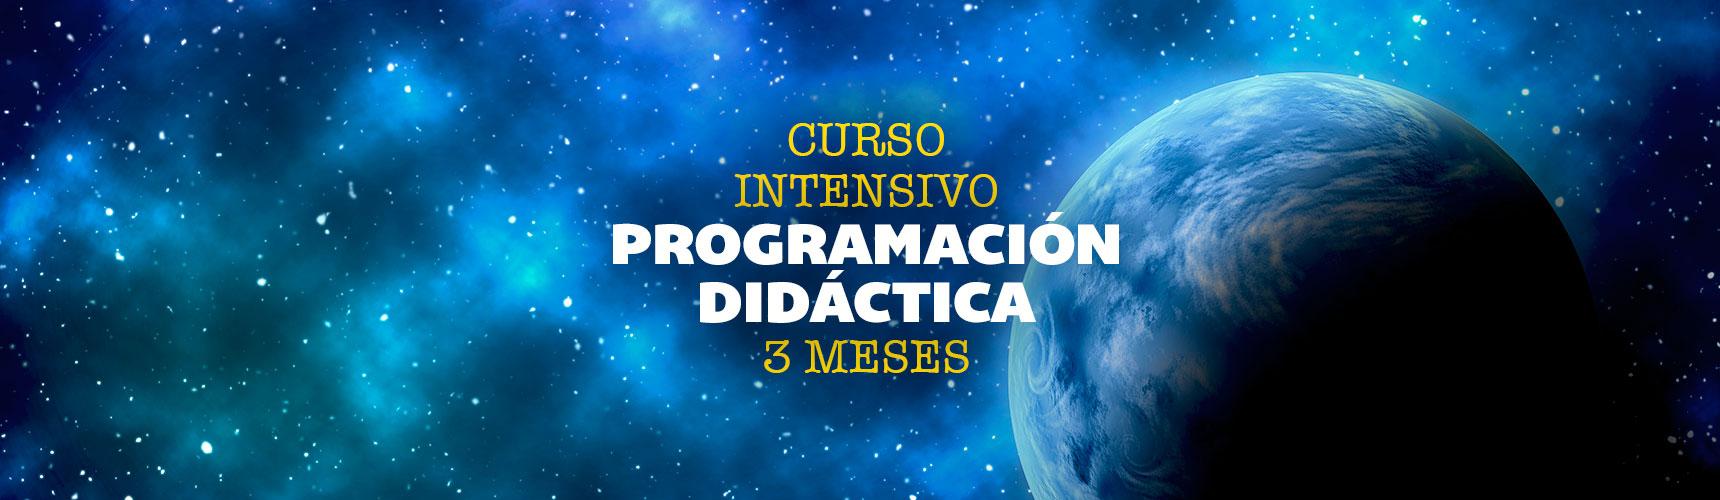 3meses_PRO_Pupitre_cursos_portada-web_nuevas-fotos_1720x910